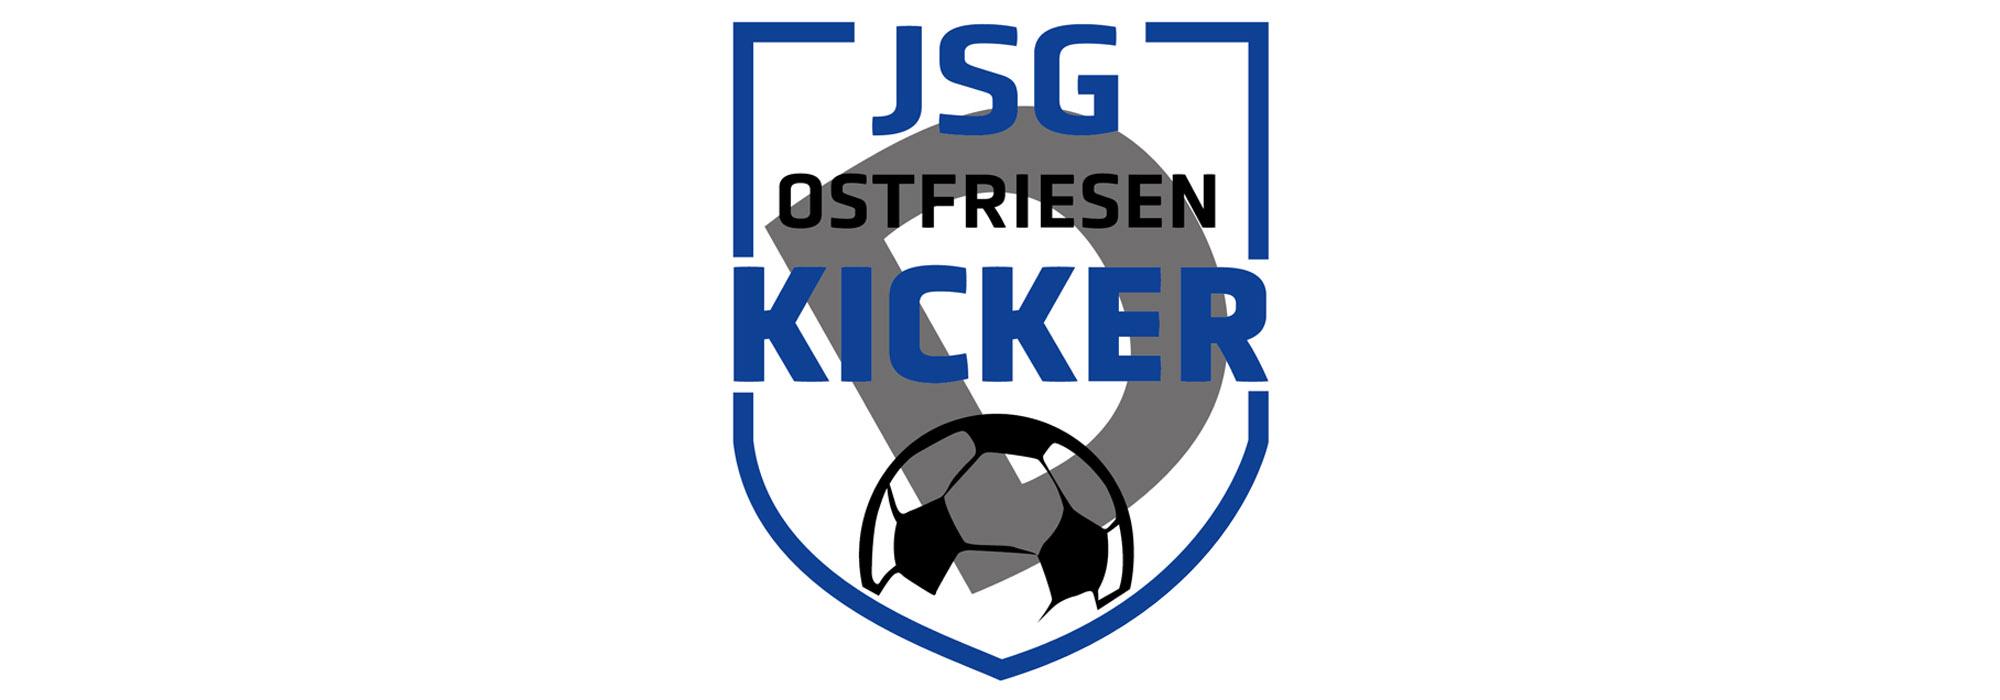 D-Junioren verabschieden sich trotz 2:7-Niederlage mit guter Leistung aus dem Ostfrieslandpokal